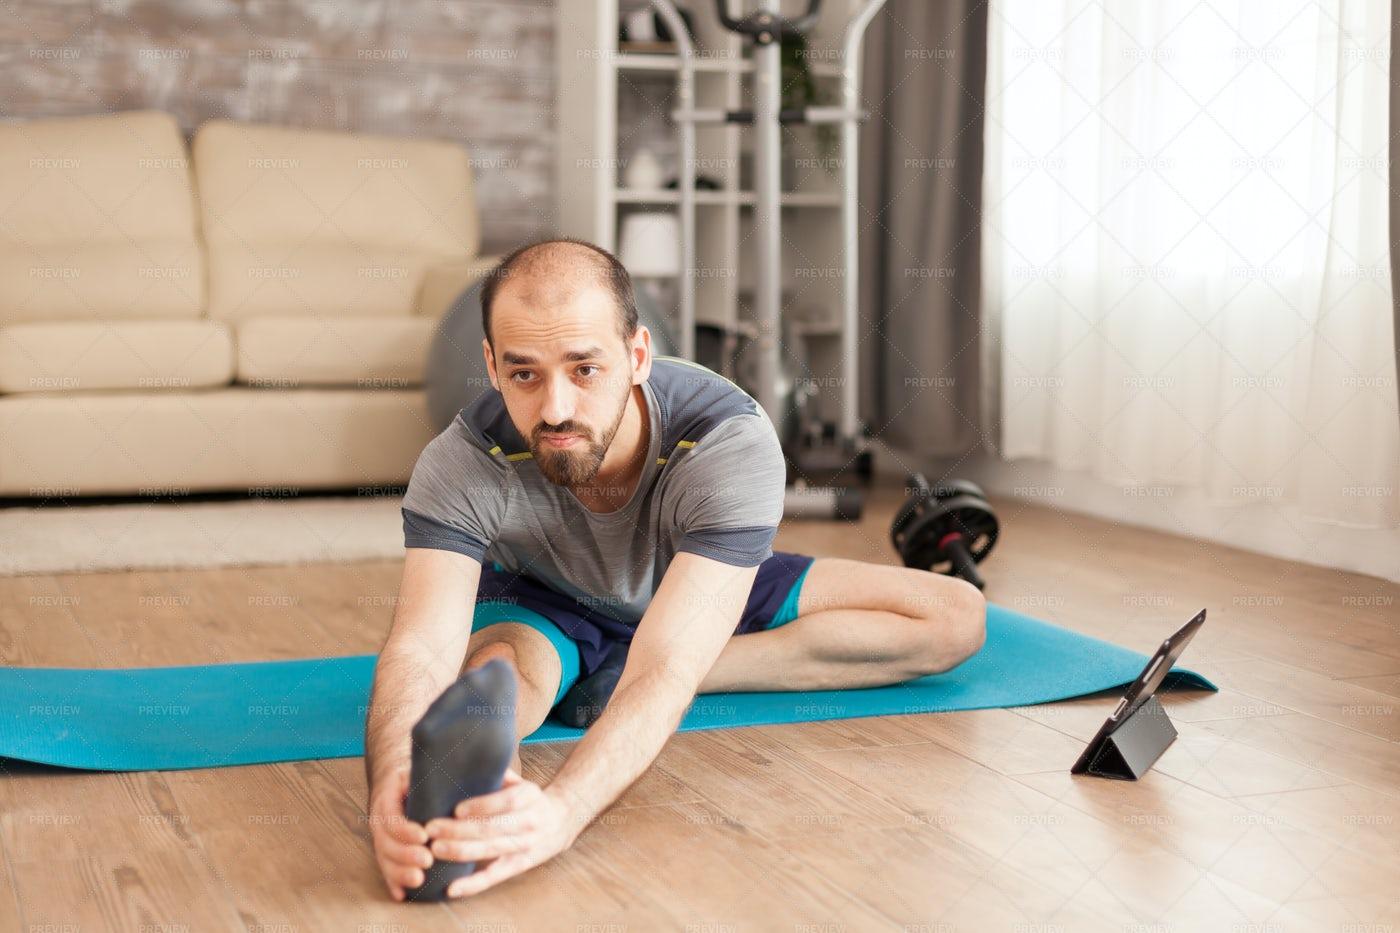 Home Yoga Course: Stock Photos